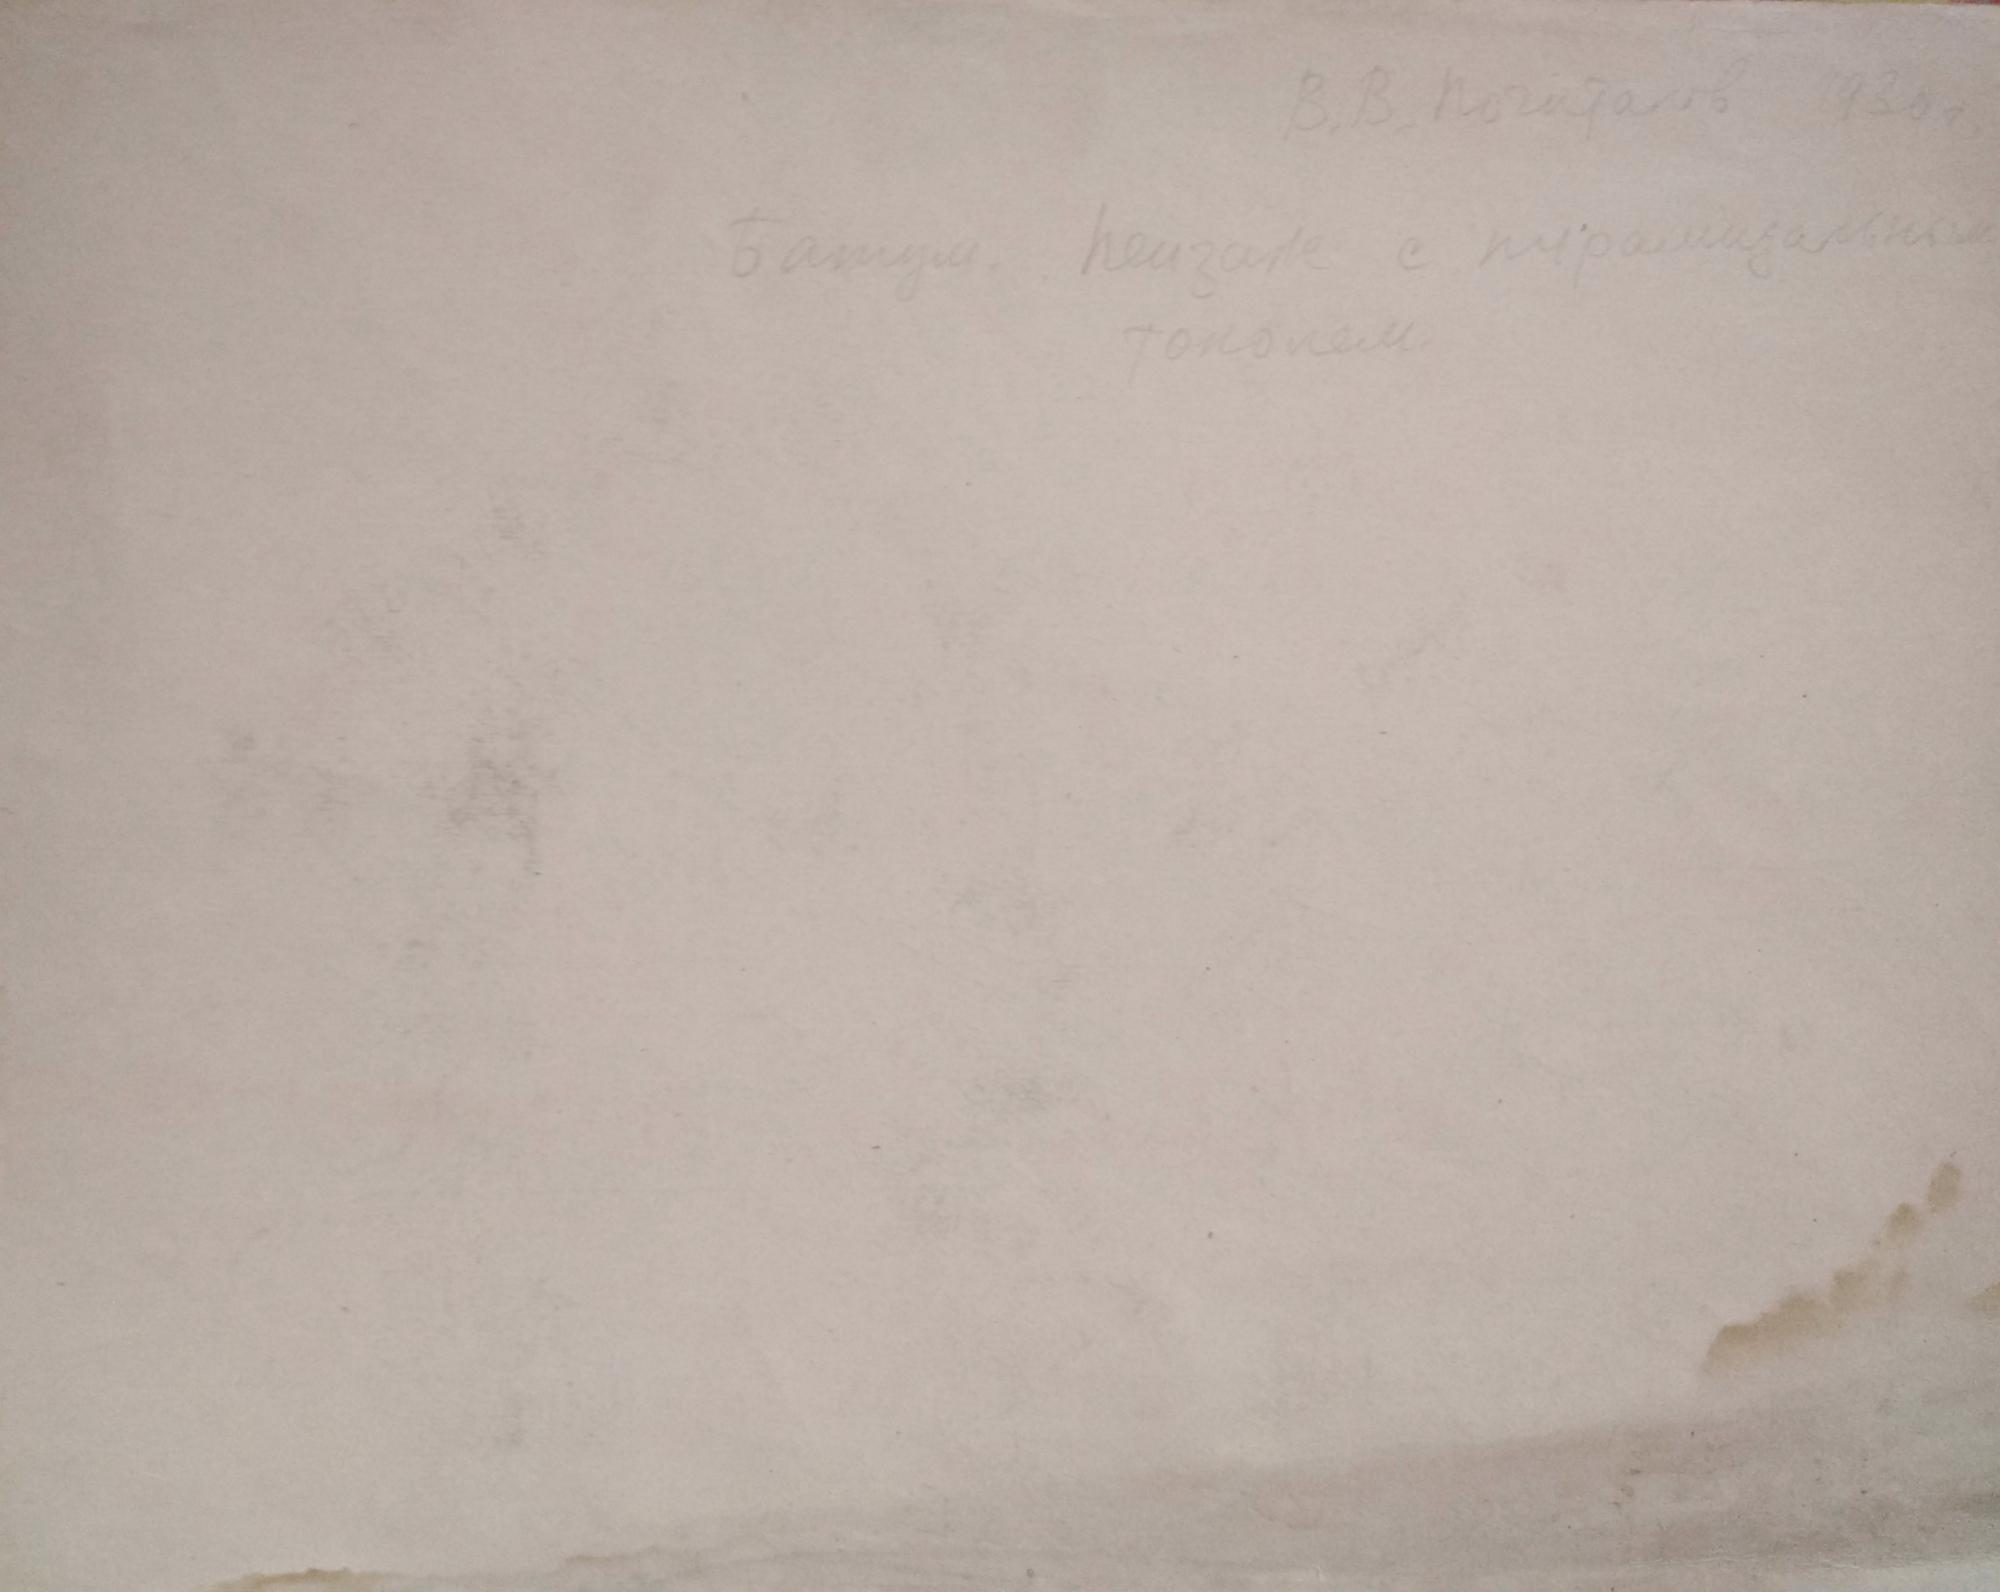 Оборот. Почиталов Василий Васильевич. Батуми. Пейзаж с пирамидальным тополем